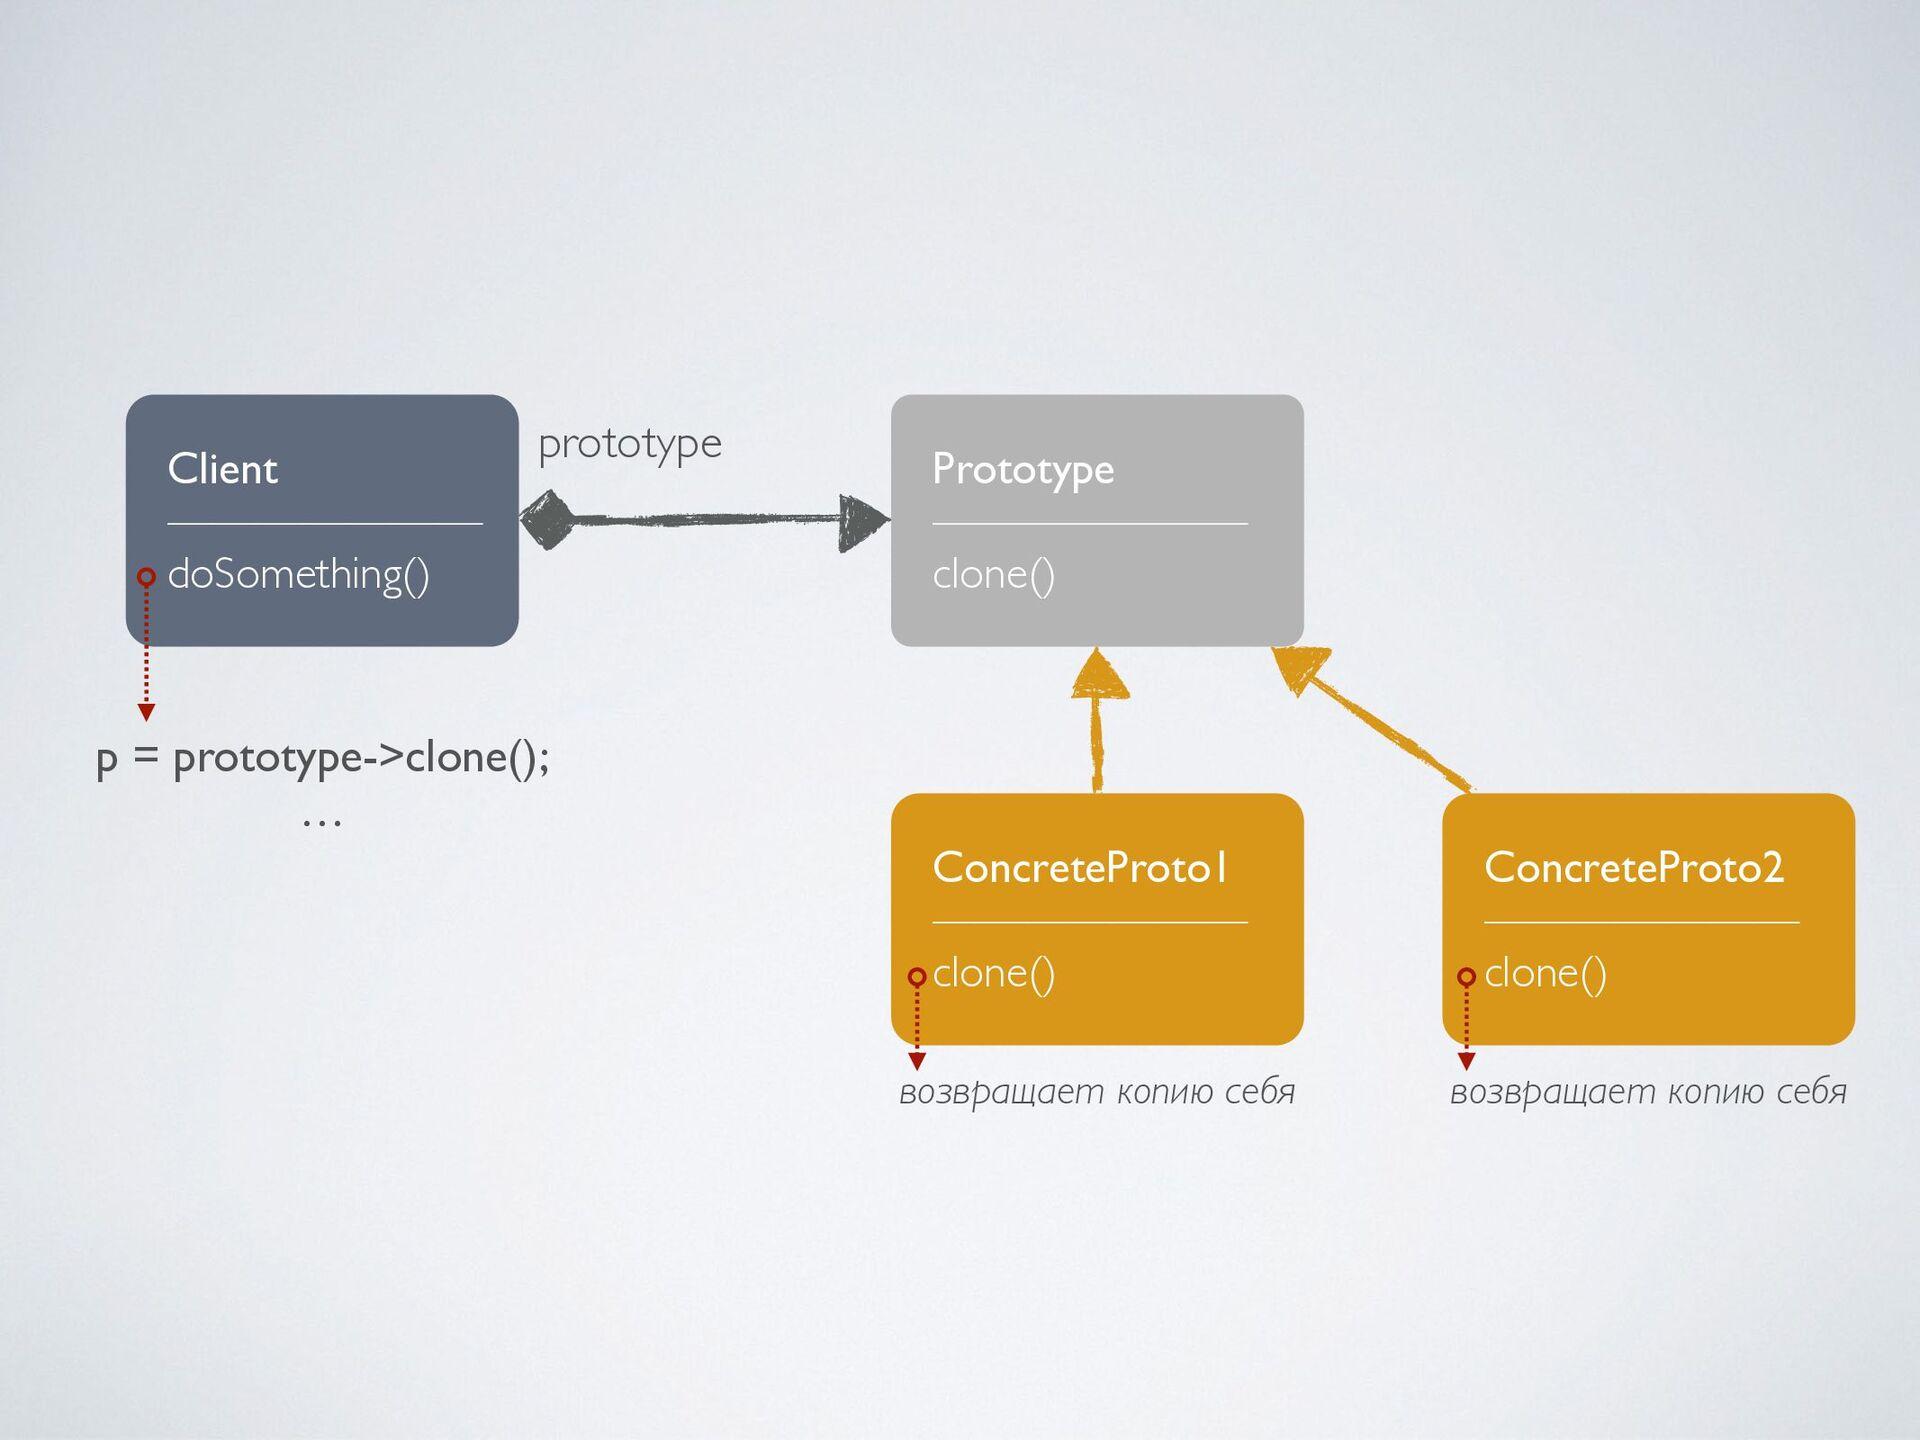 Prototype ——————— clone() ConcreteProto1 ——————...